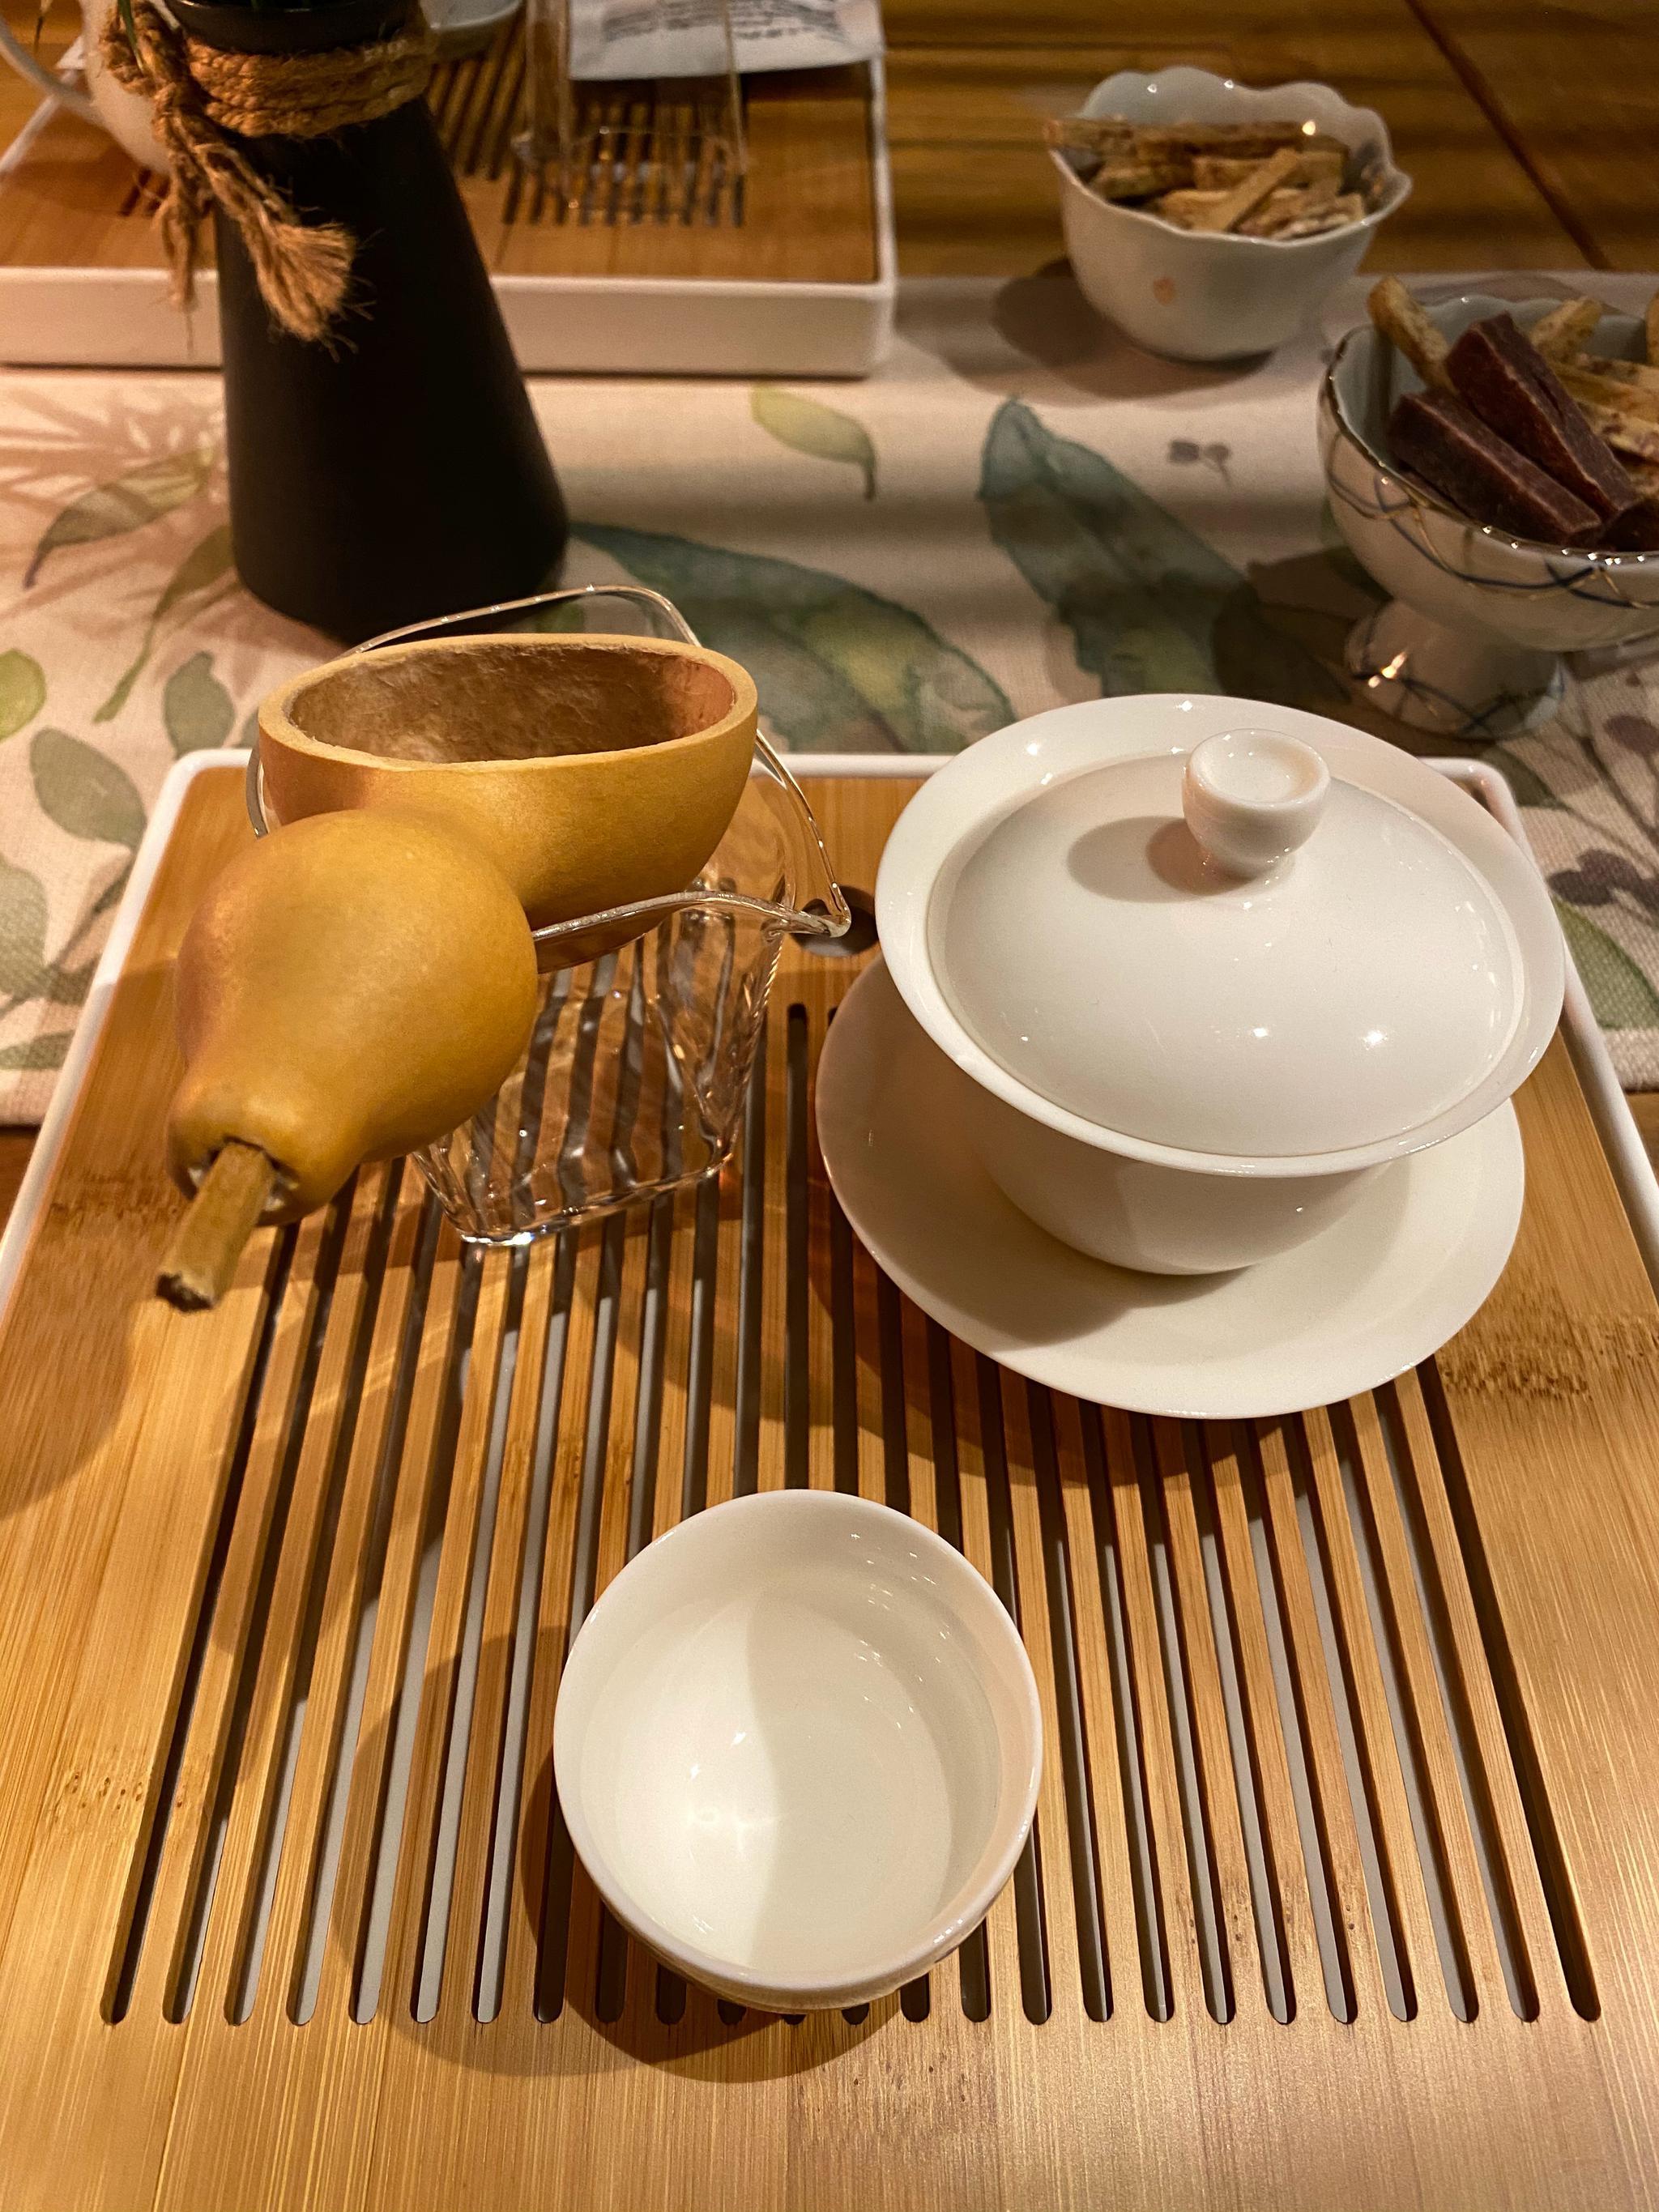 上午去了半坡博物馆,下午去了水陆庵,晚上回到闹市喝点茶………